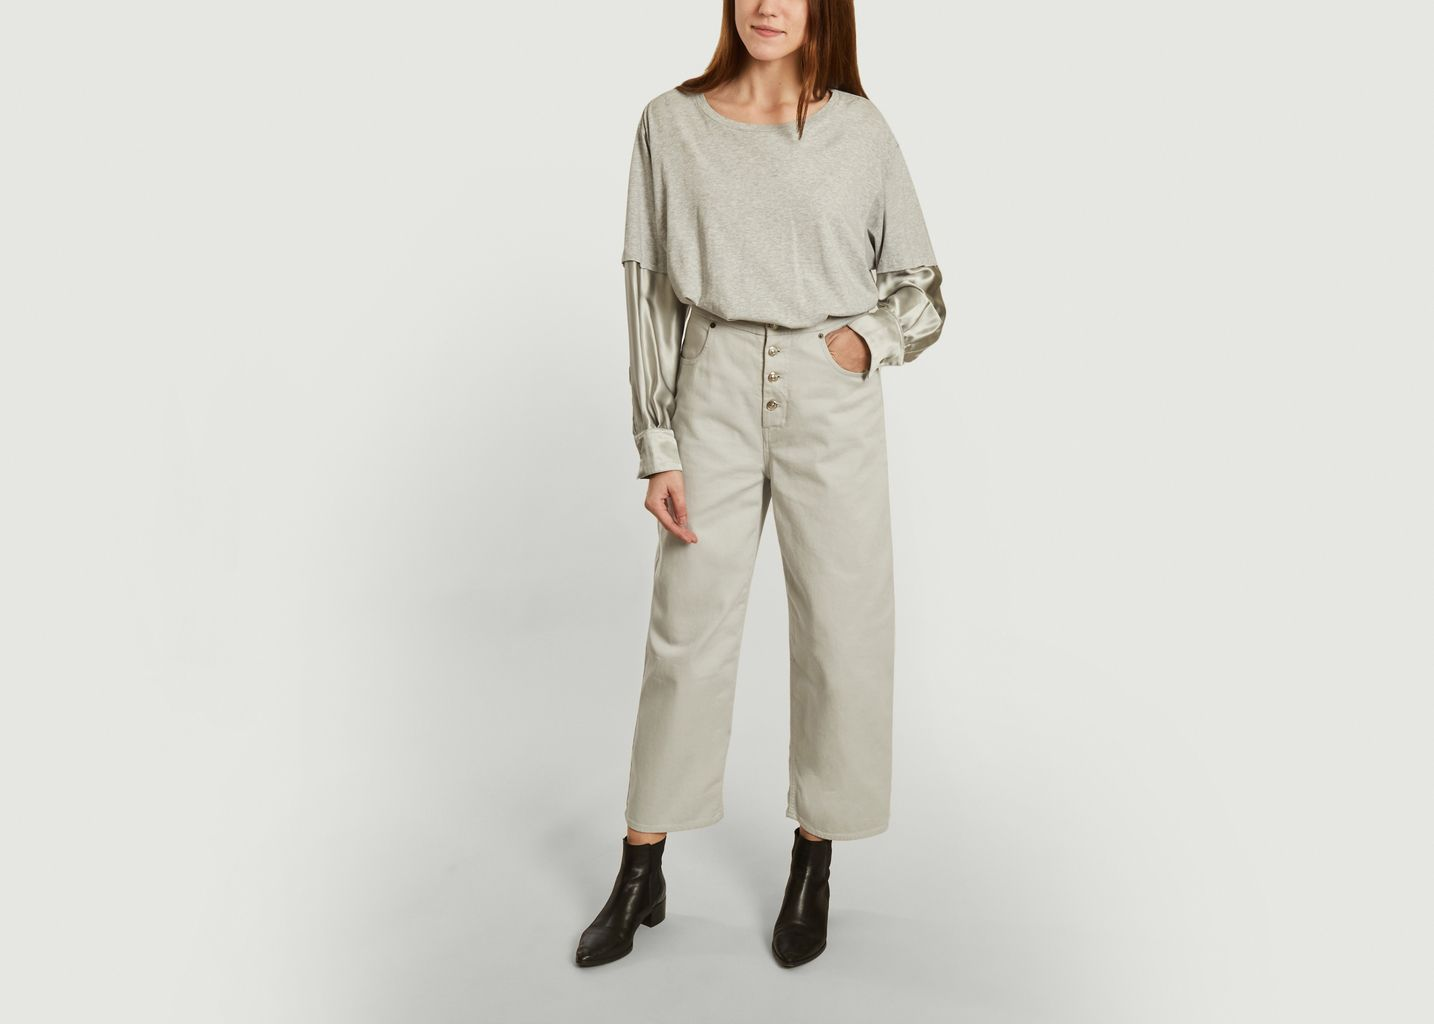 Basic Sweater - MM6 Maison Margiela